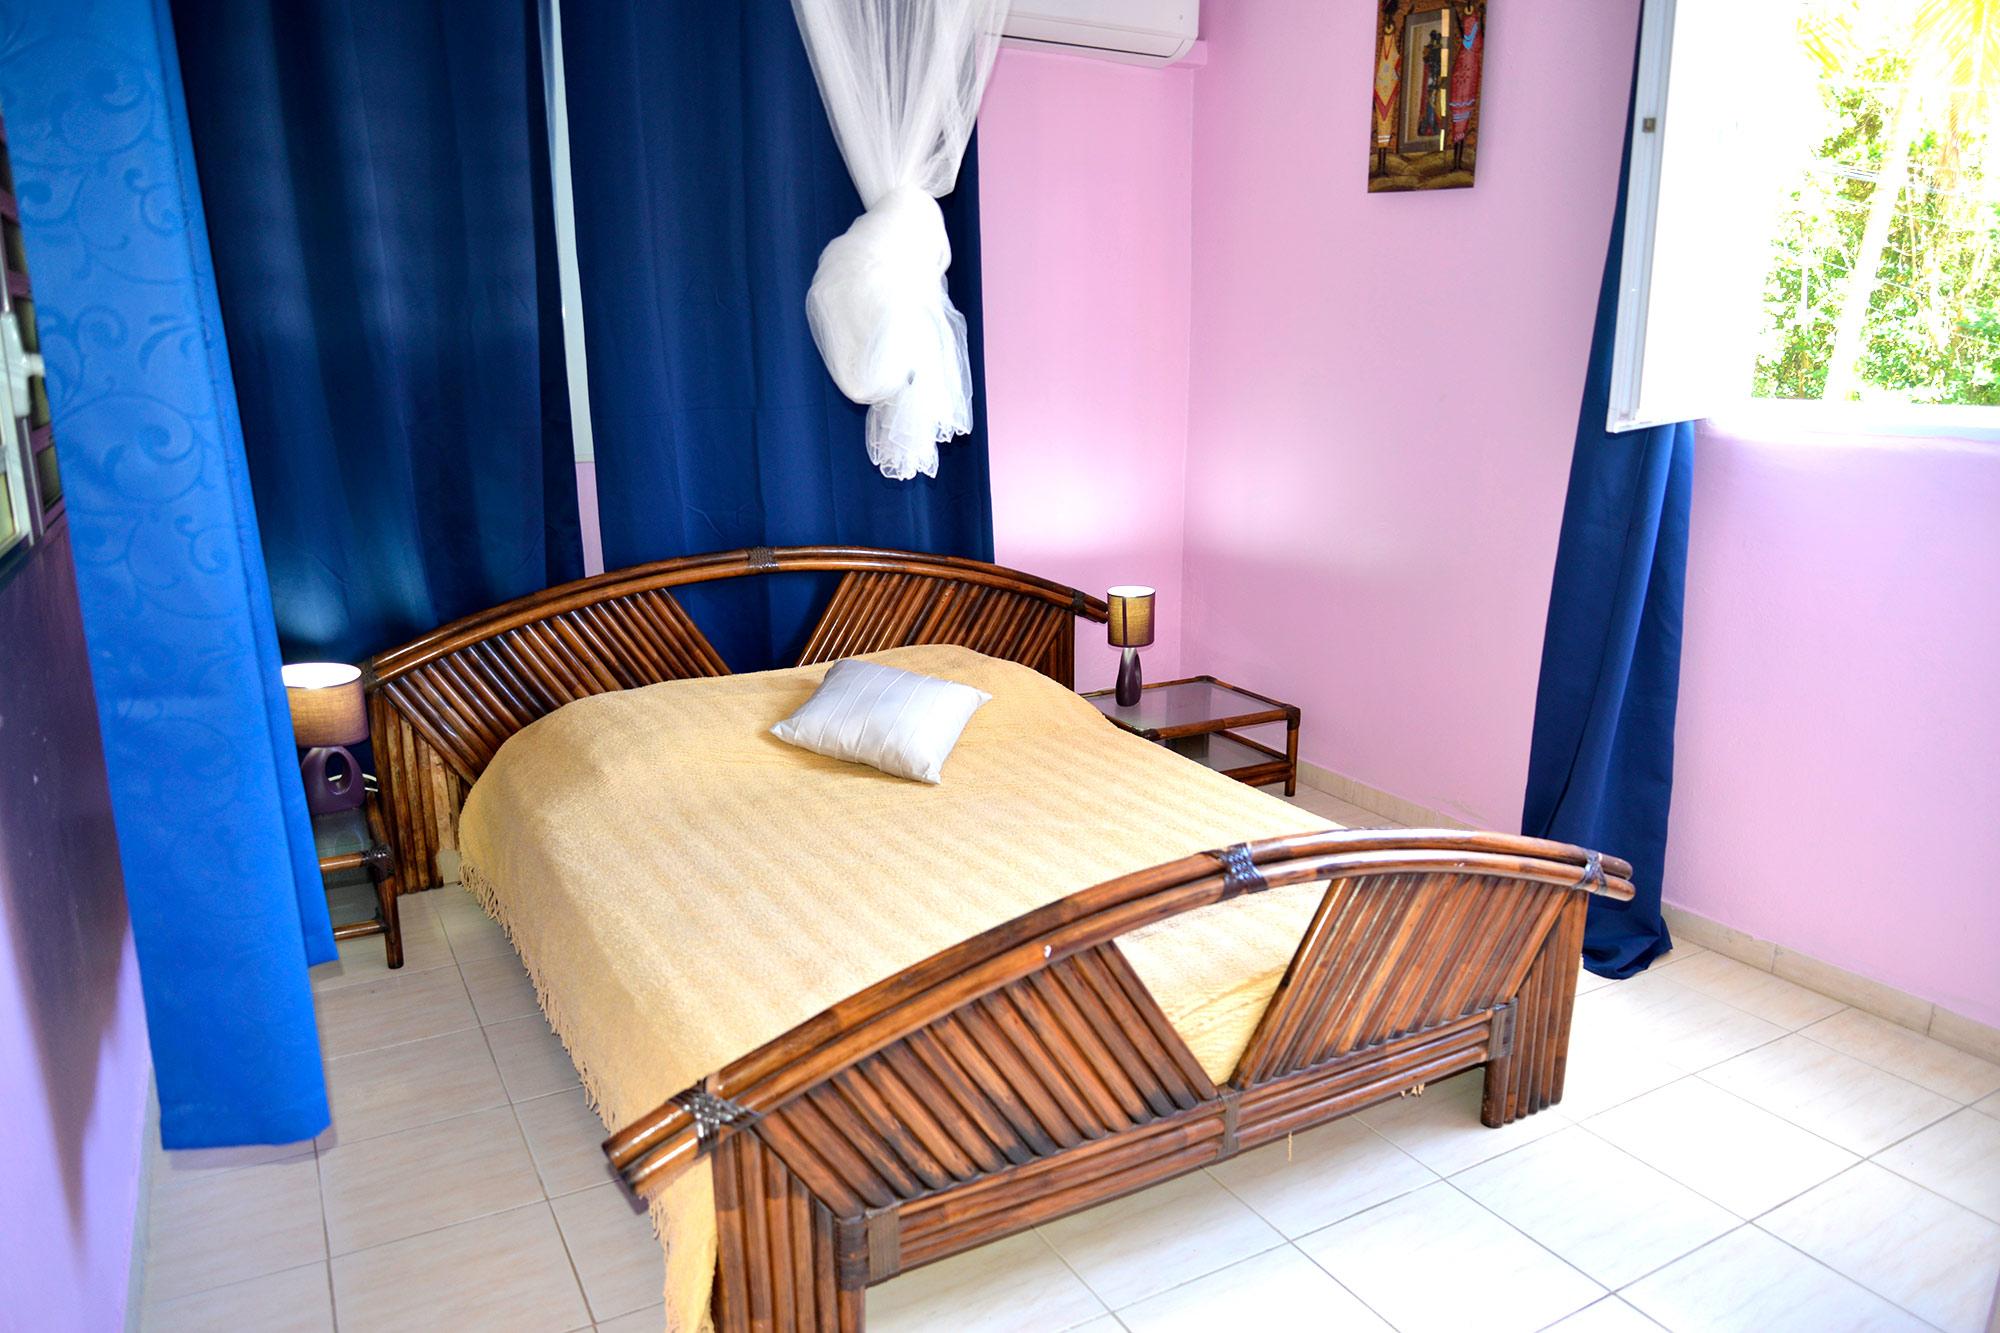 visiter le f4. Black Bedroom Furniture Sets. Home Design Ideas